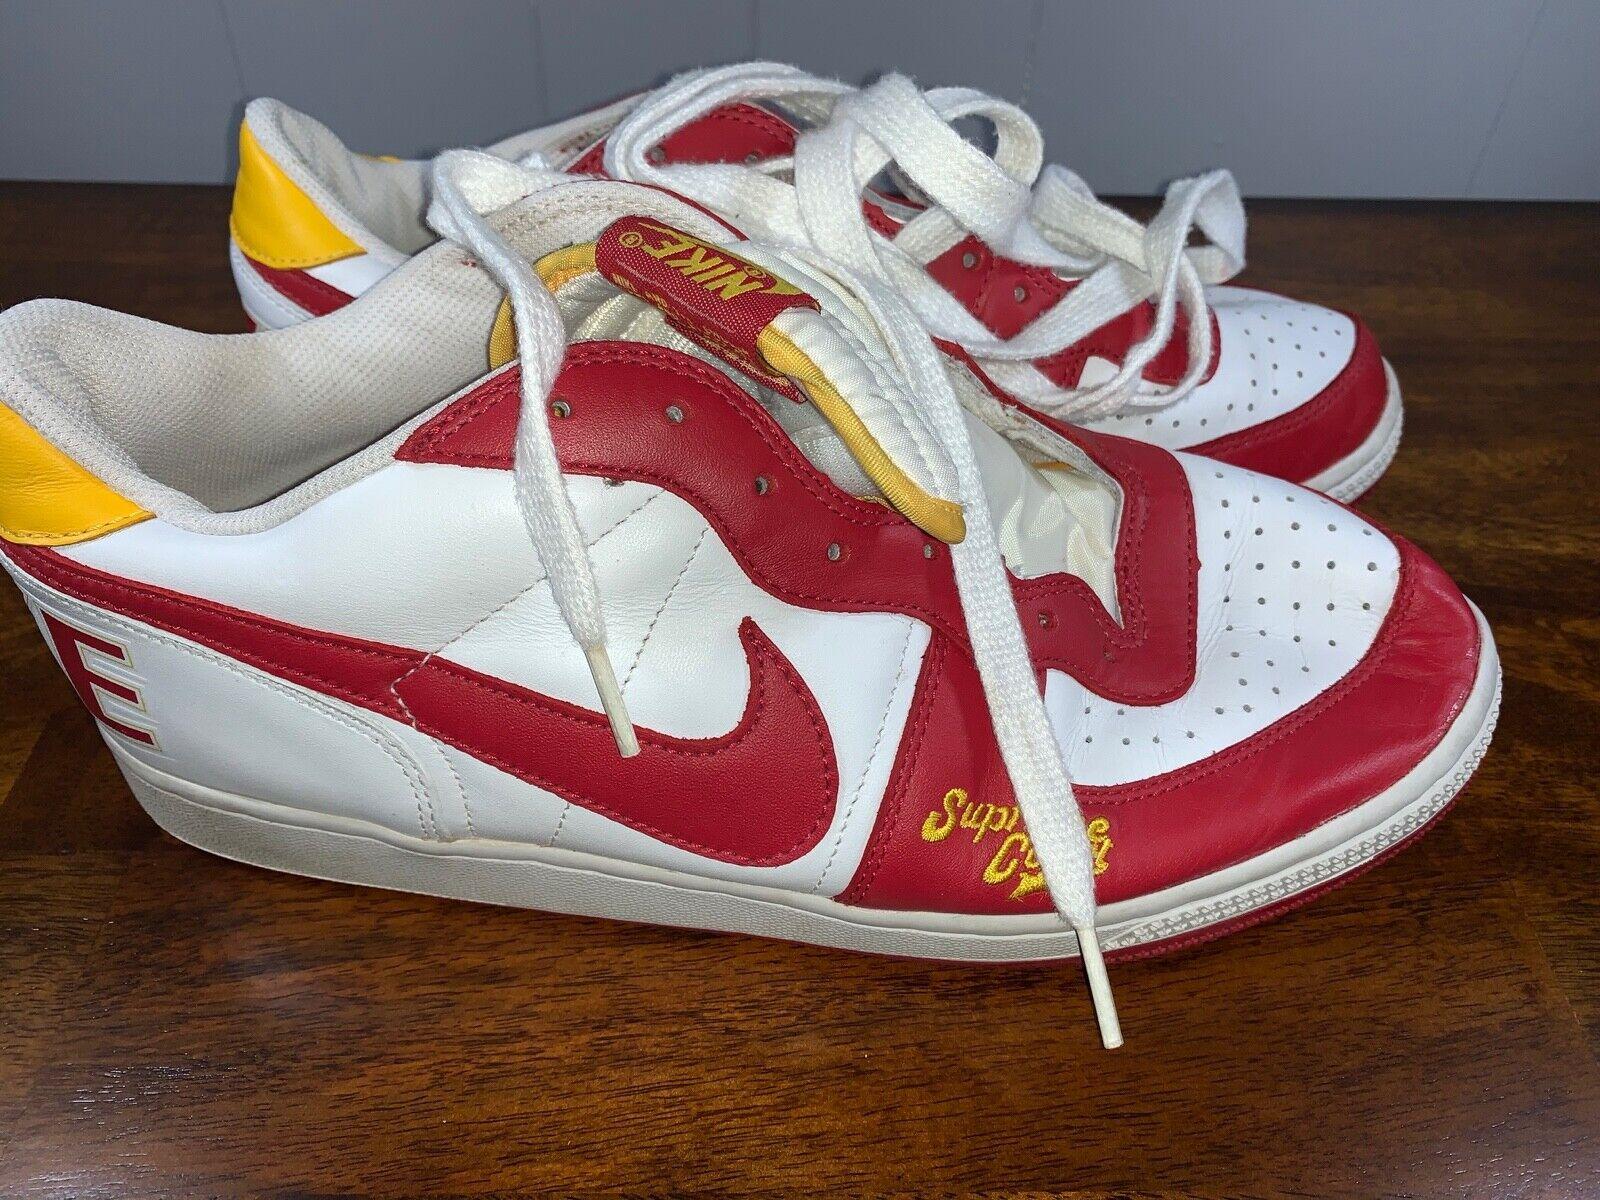 Vintage Mens Nike Terminator Low Supreme Court Athletic shoes 309436-161 Sz 10.5